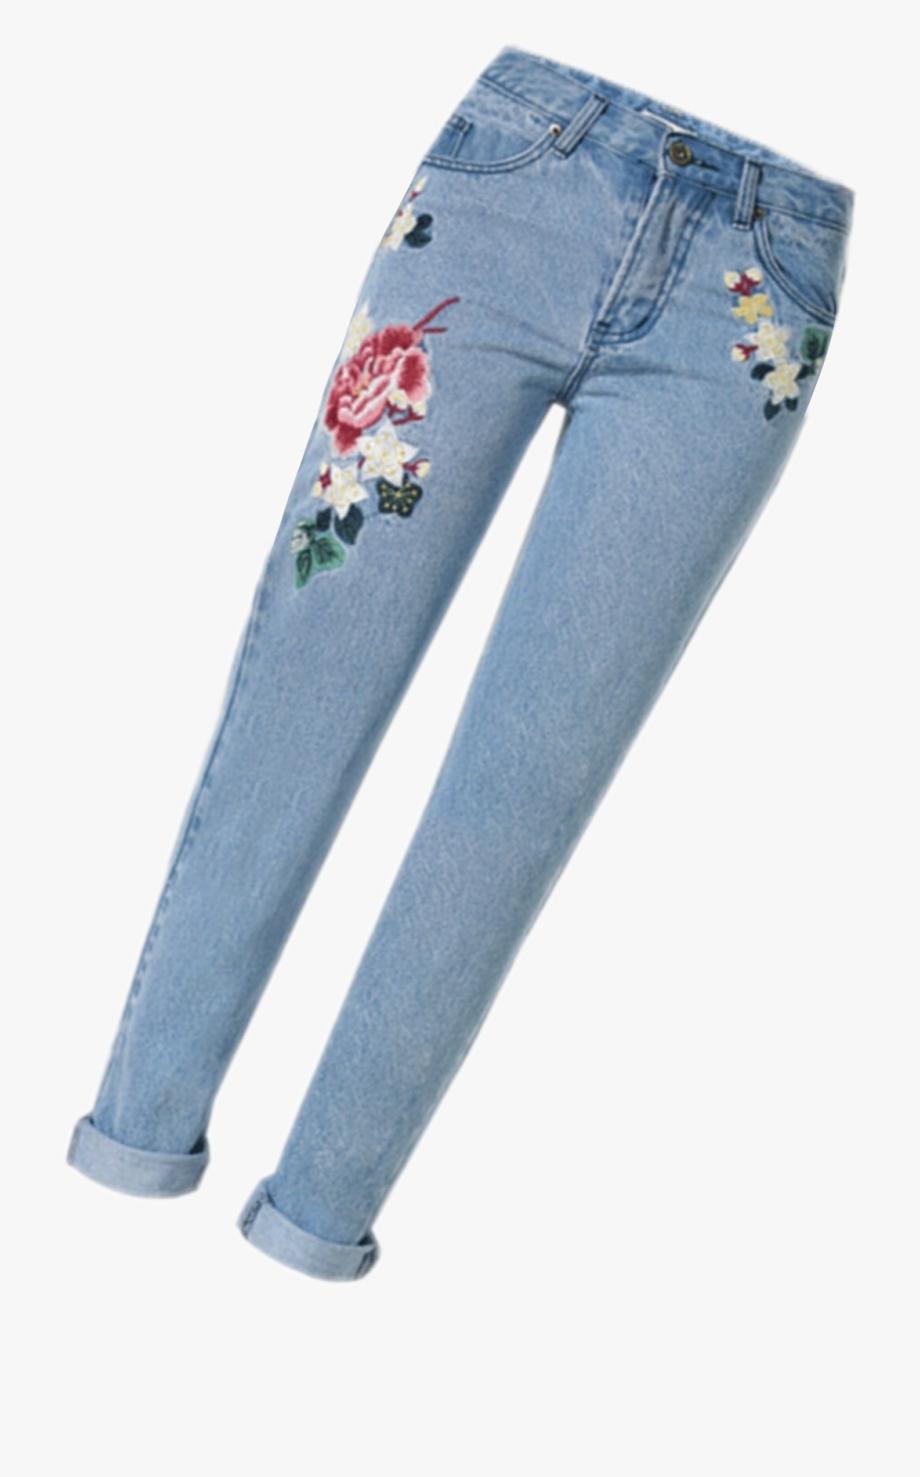 Blue jean tumblr transparent. Pants clipart long pants